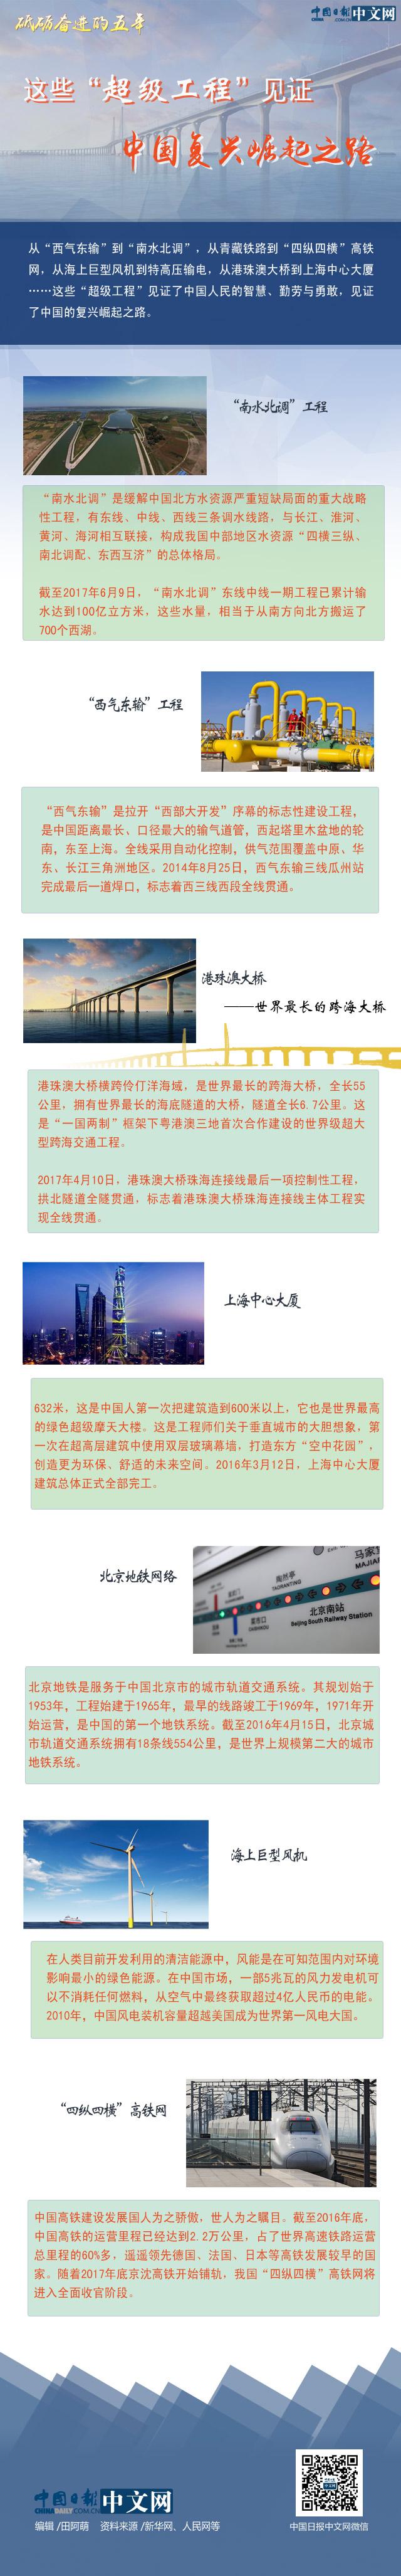 """【砥砺奋进的五年】这些""""超级工程""""见证中国复兴崛起之路"""